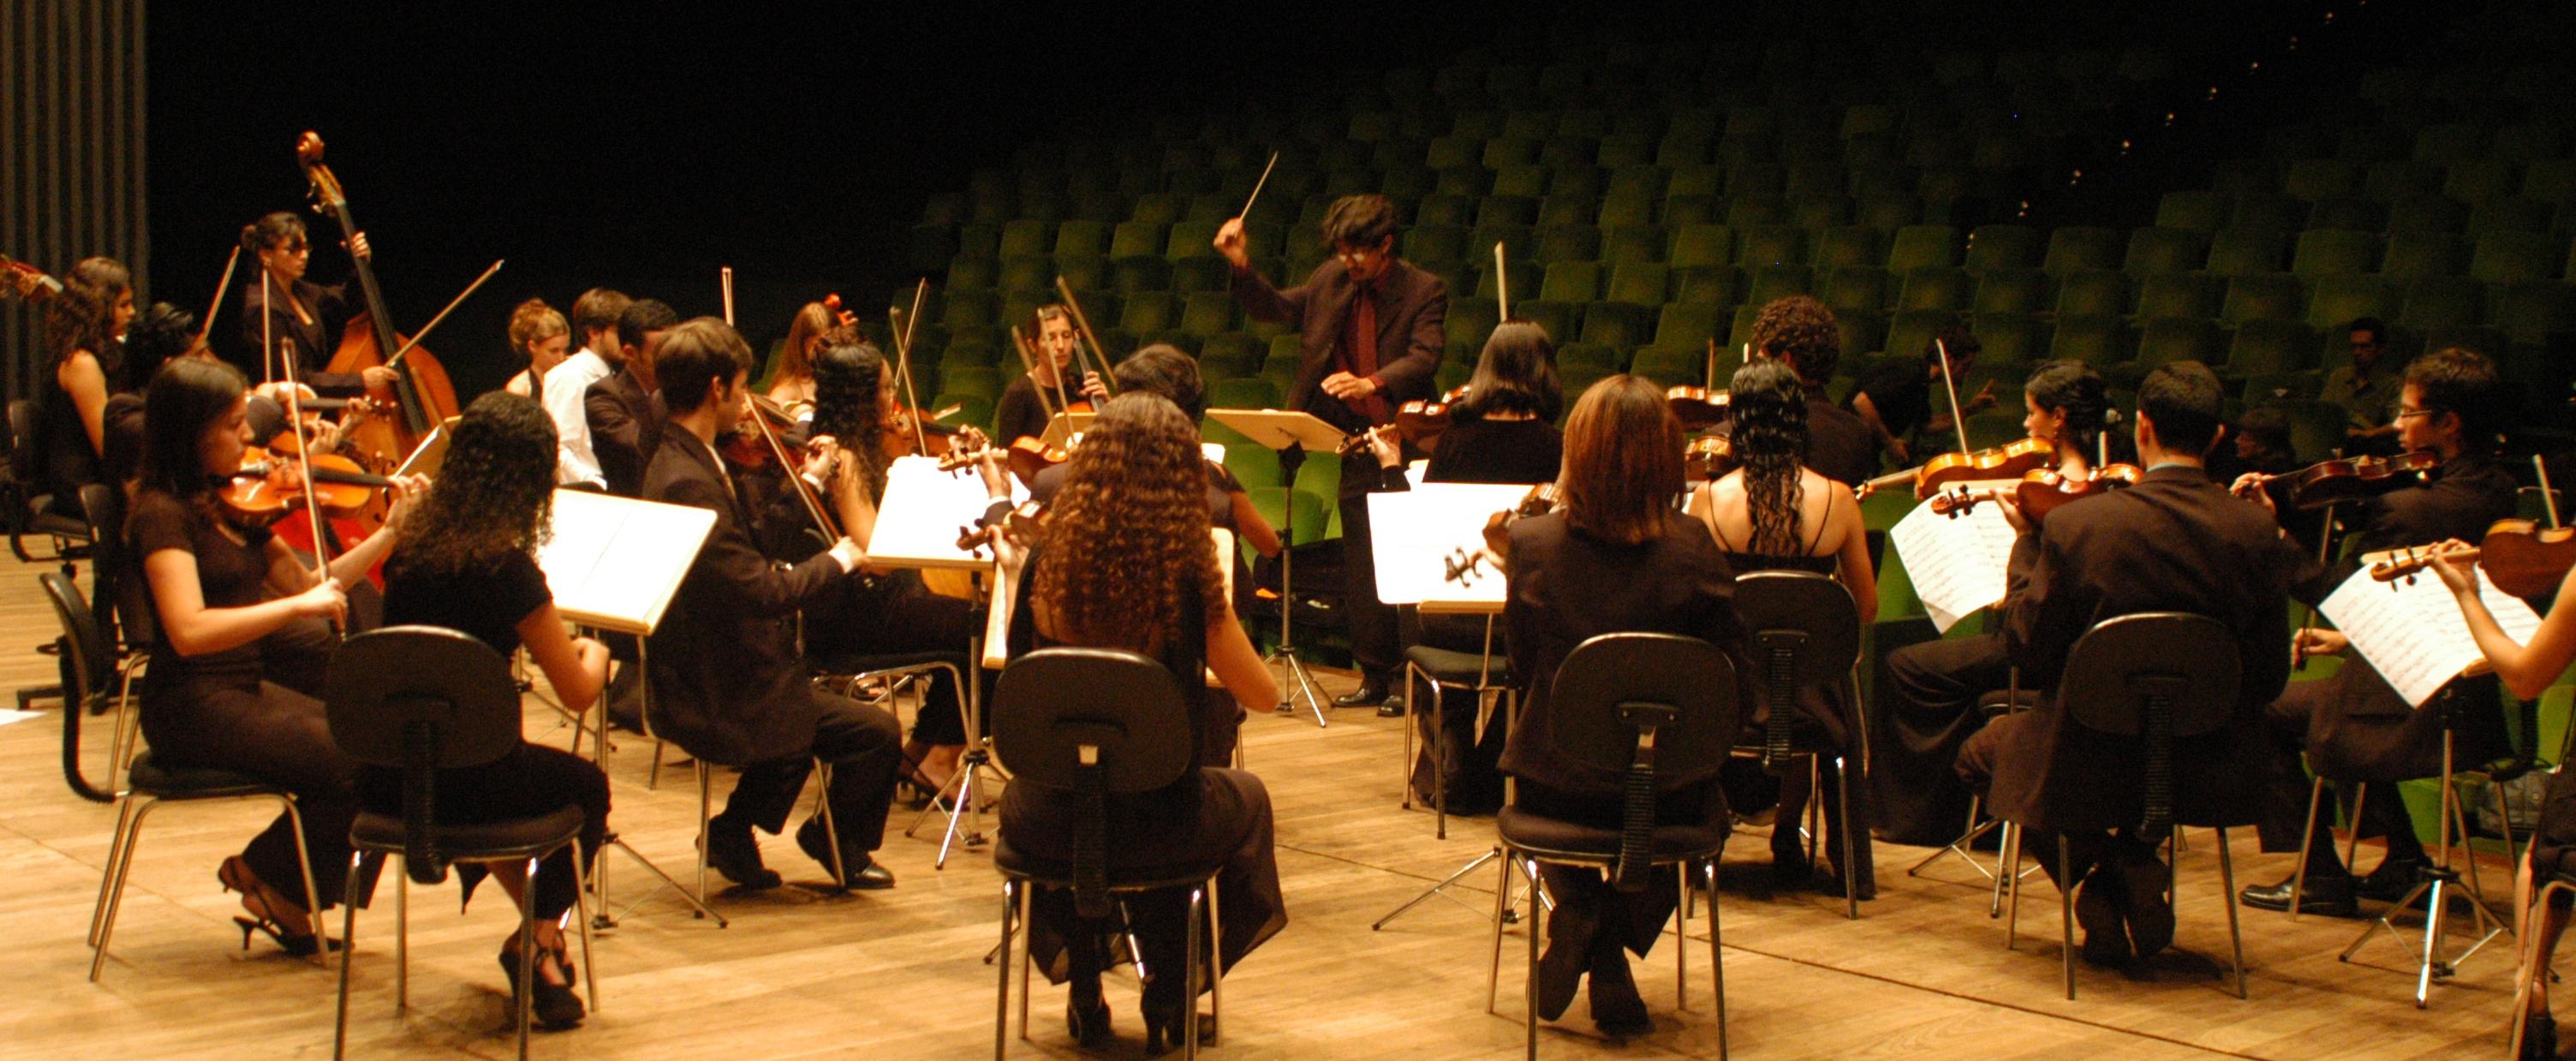 Teatro Nacional Cláudio Santoro 2005